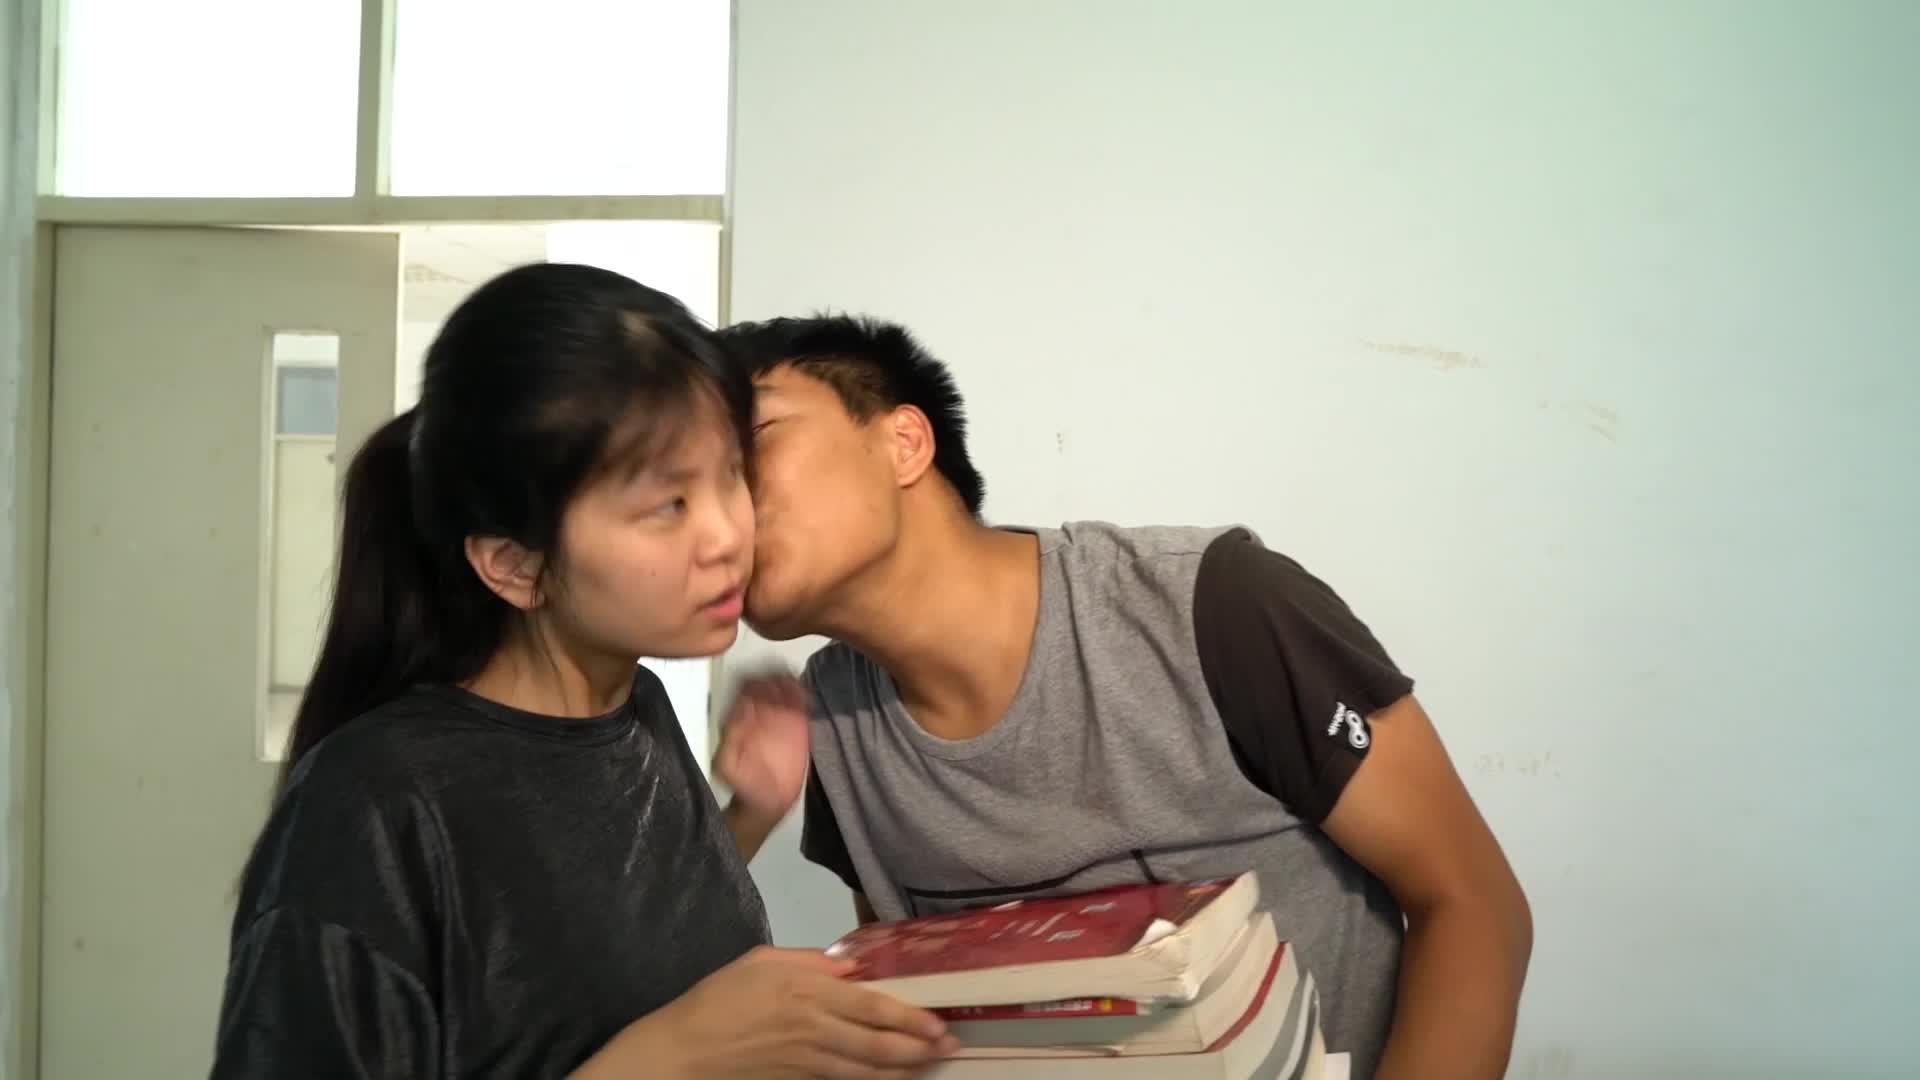 女生亲男声被老师表扬,男生亲吻女生,却被老师定义为耍流氓!